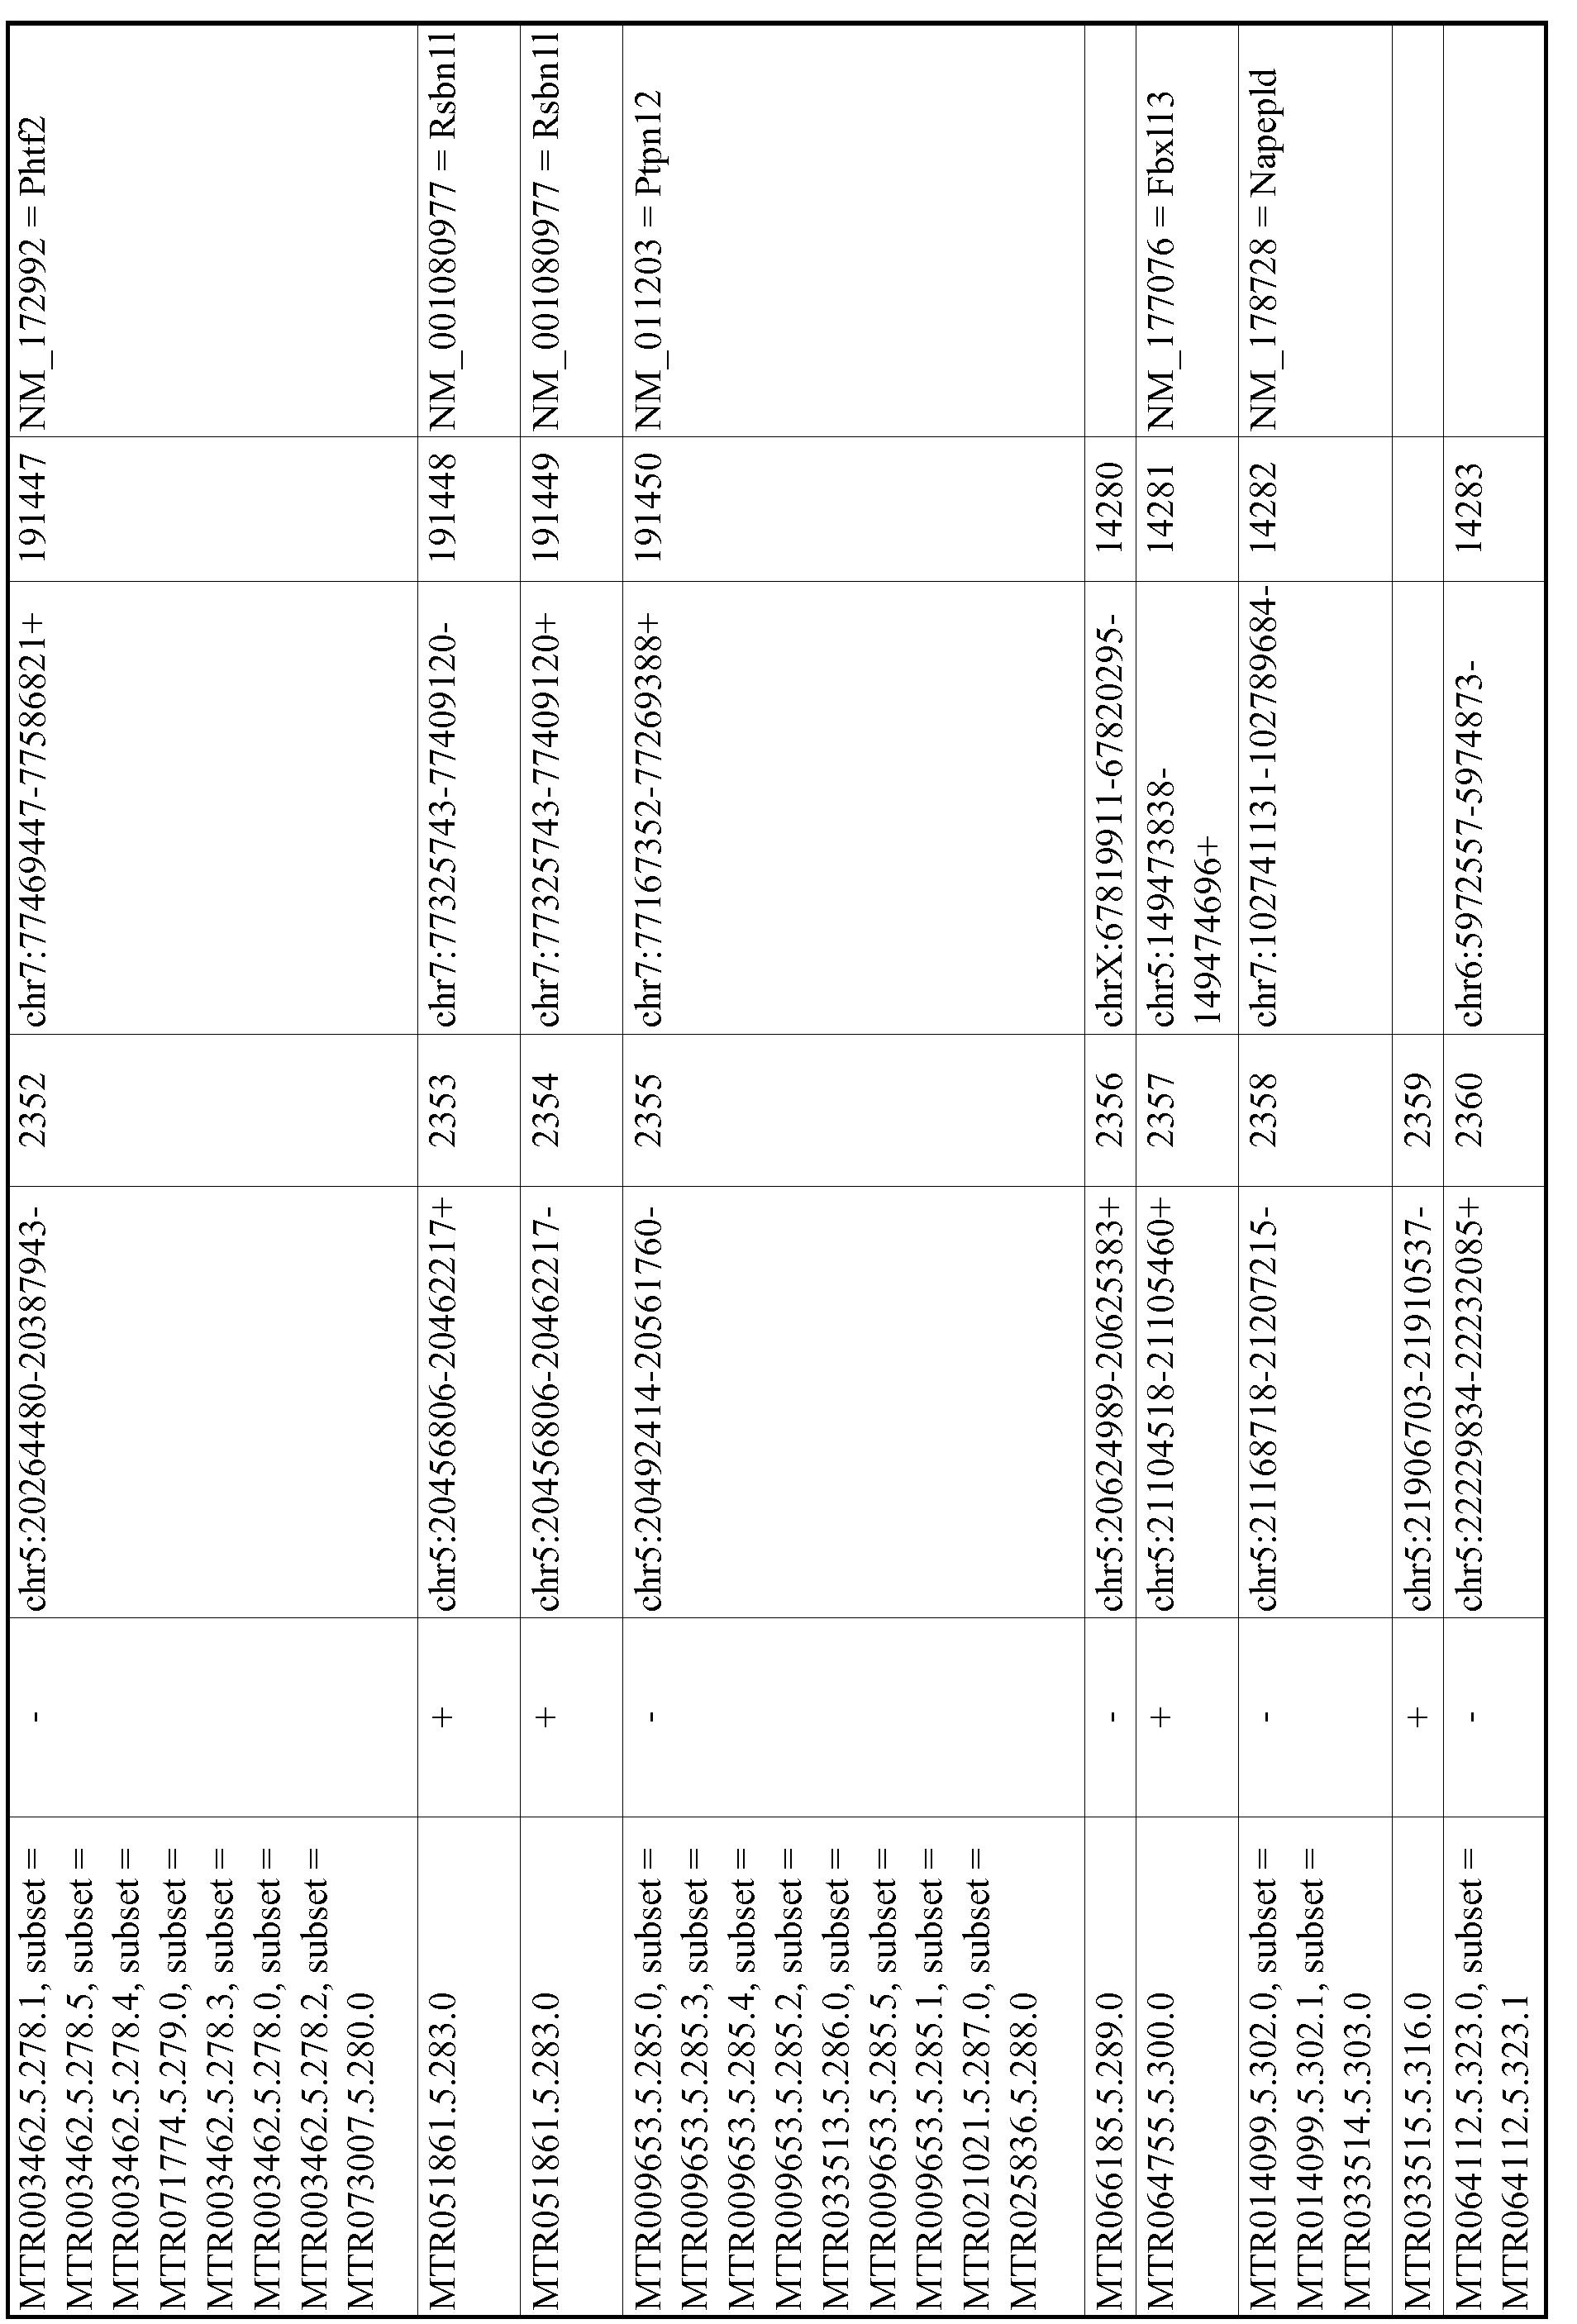 Figure imgf000514_0001